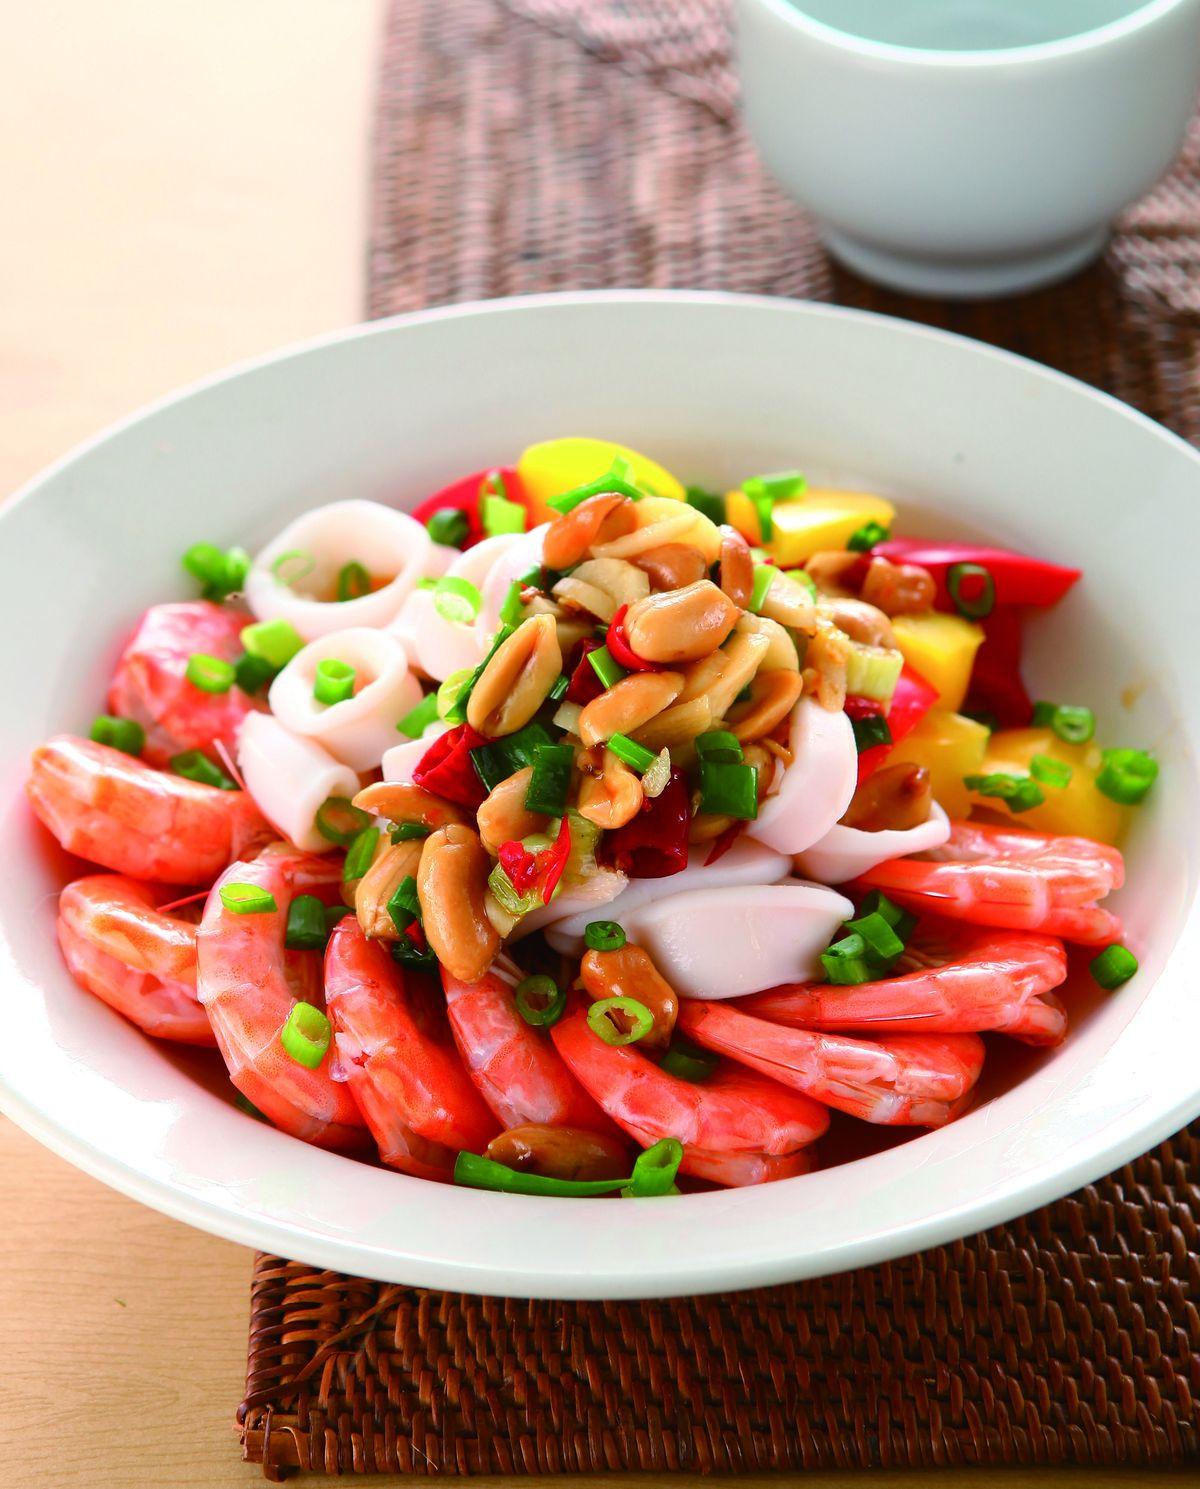 食譜:椒麻拌雙鮮